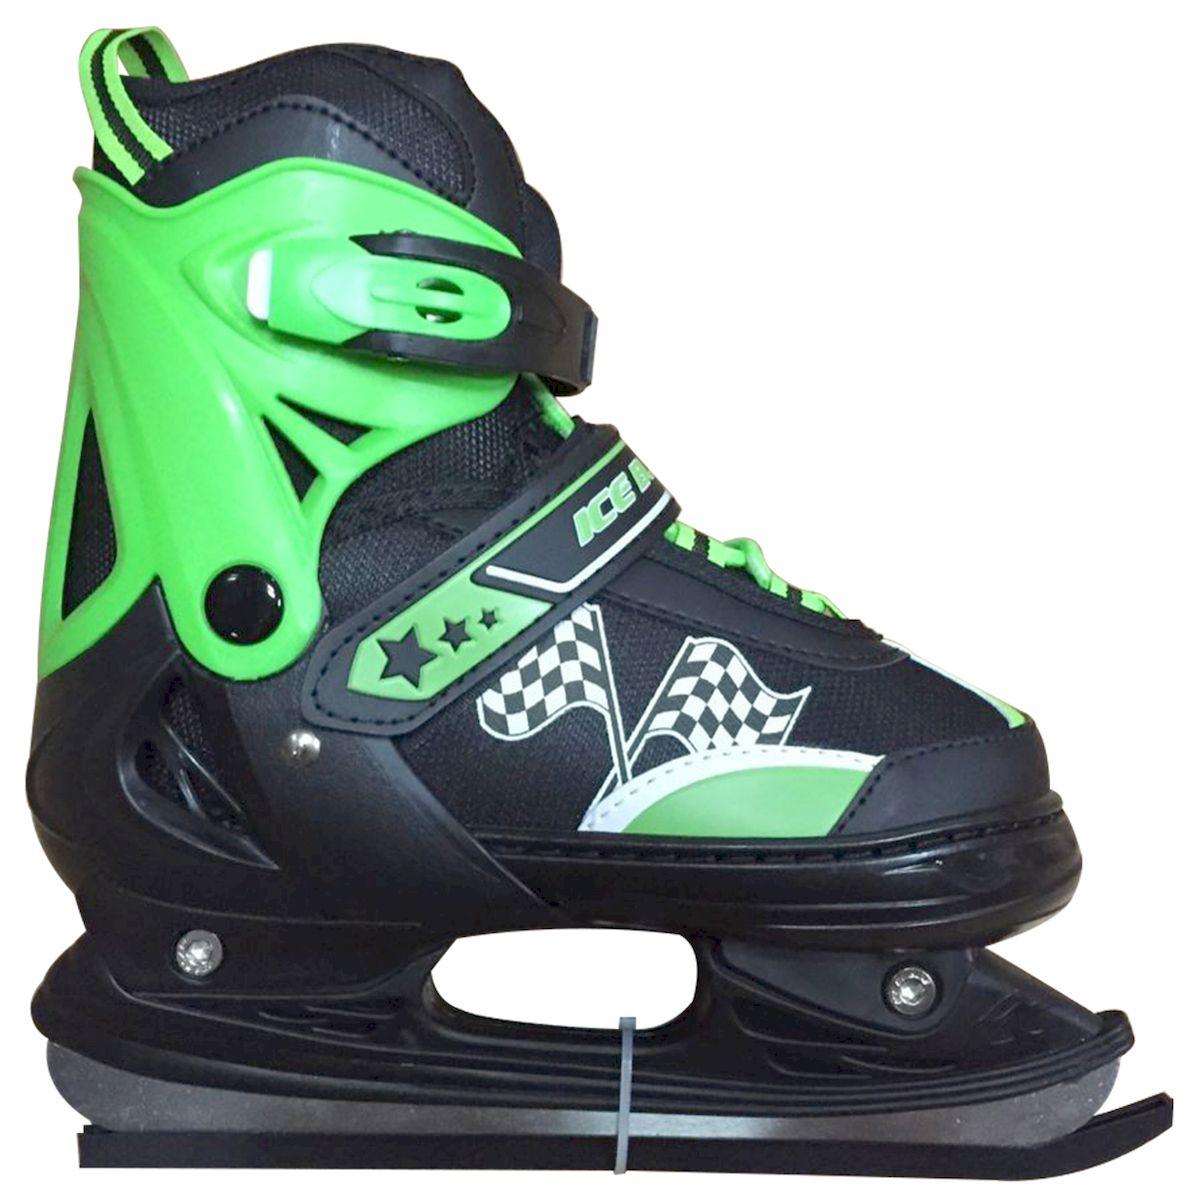 Коньки раздвижные Ice Blade Winner, цвет: черный, зеленый. УТ-00006879. Размер XS (27/30)